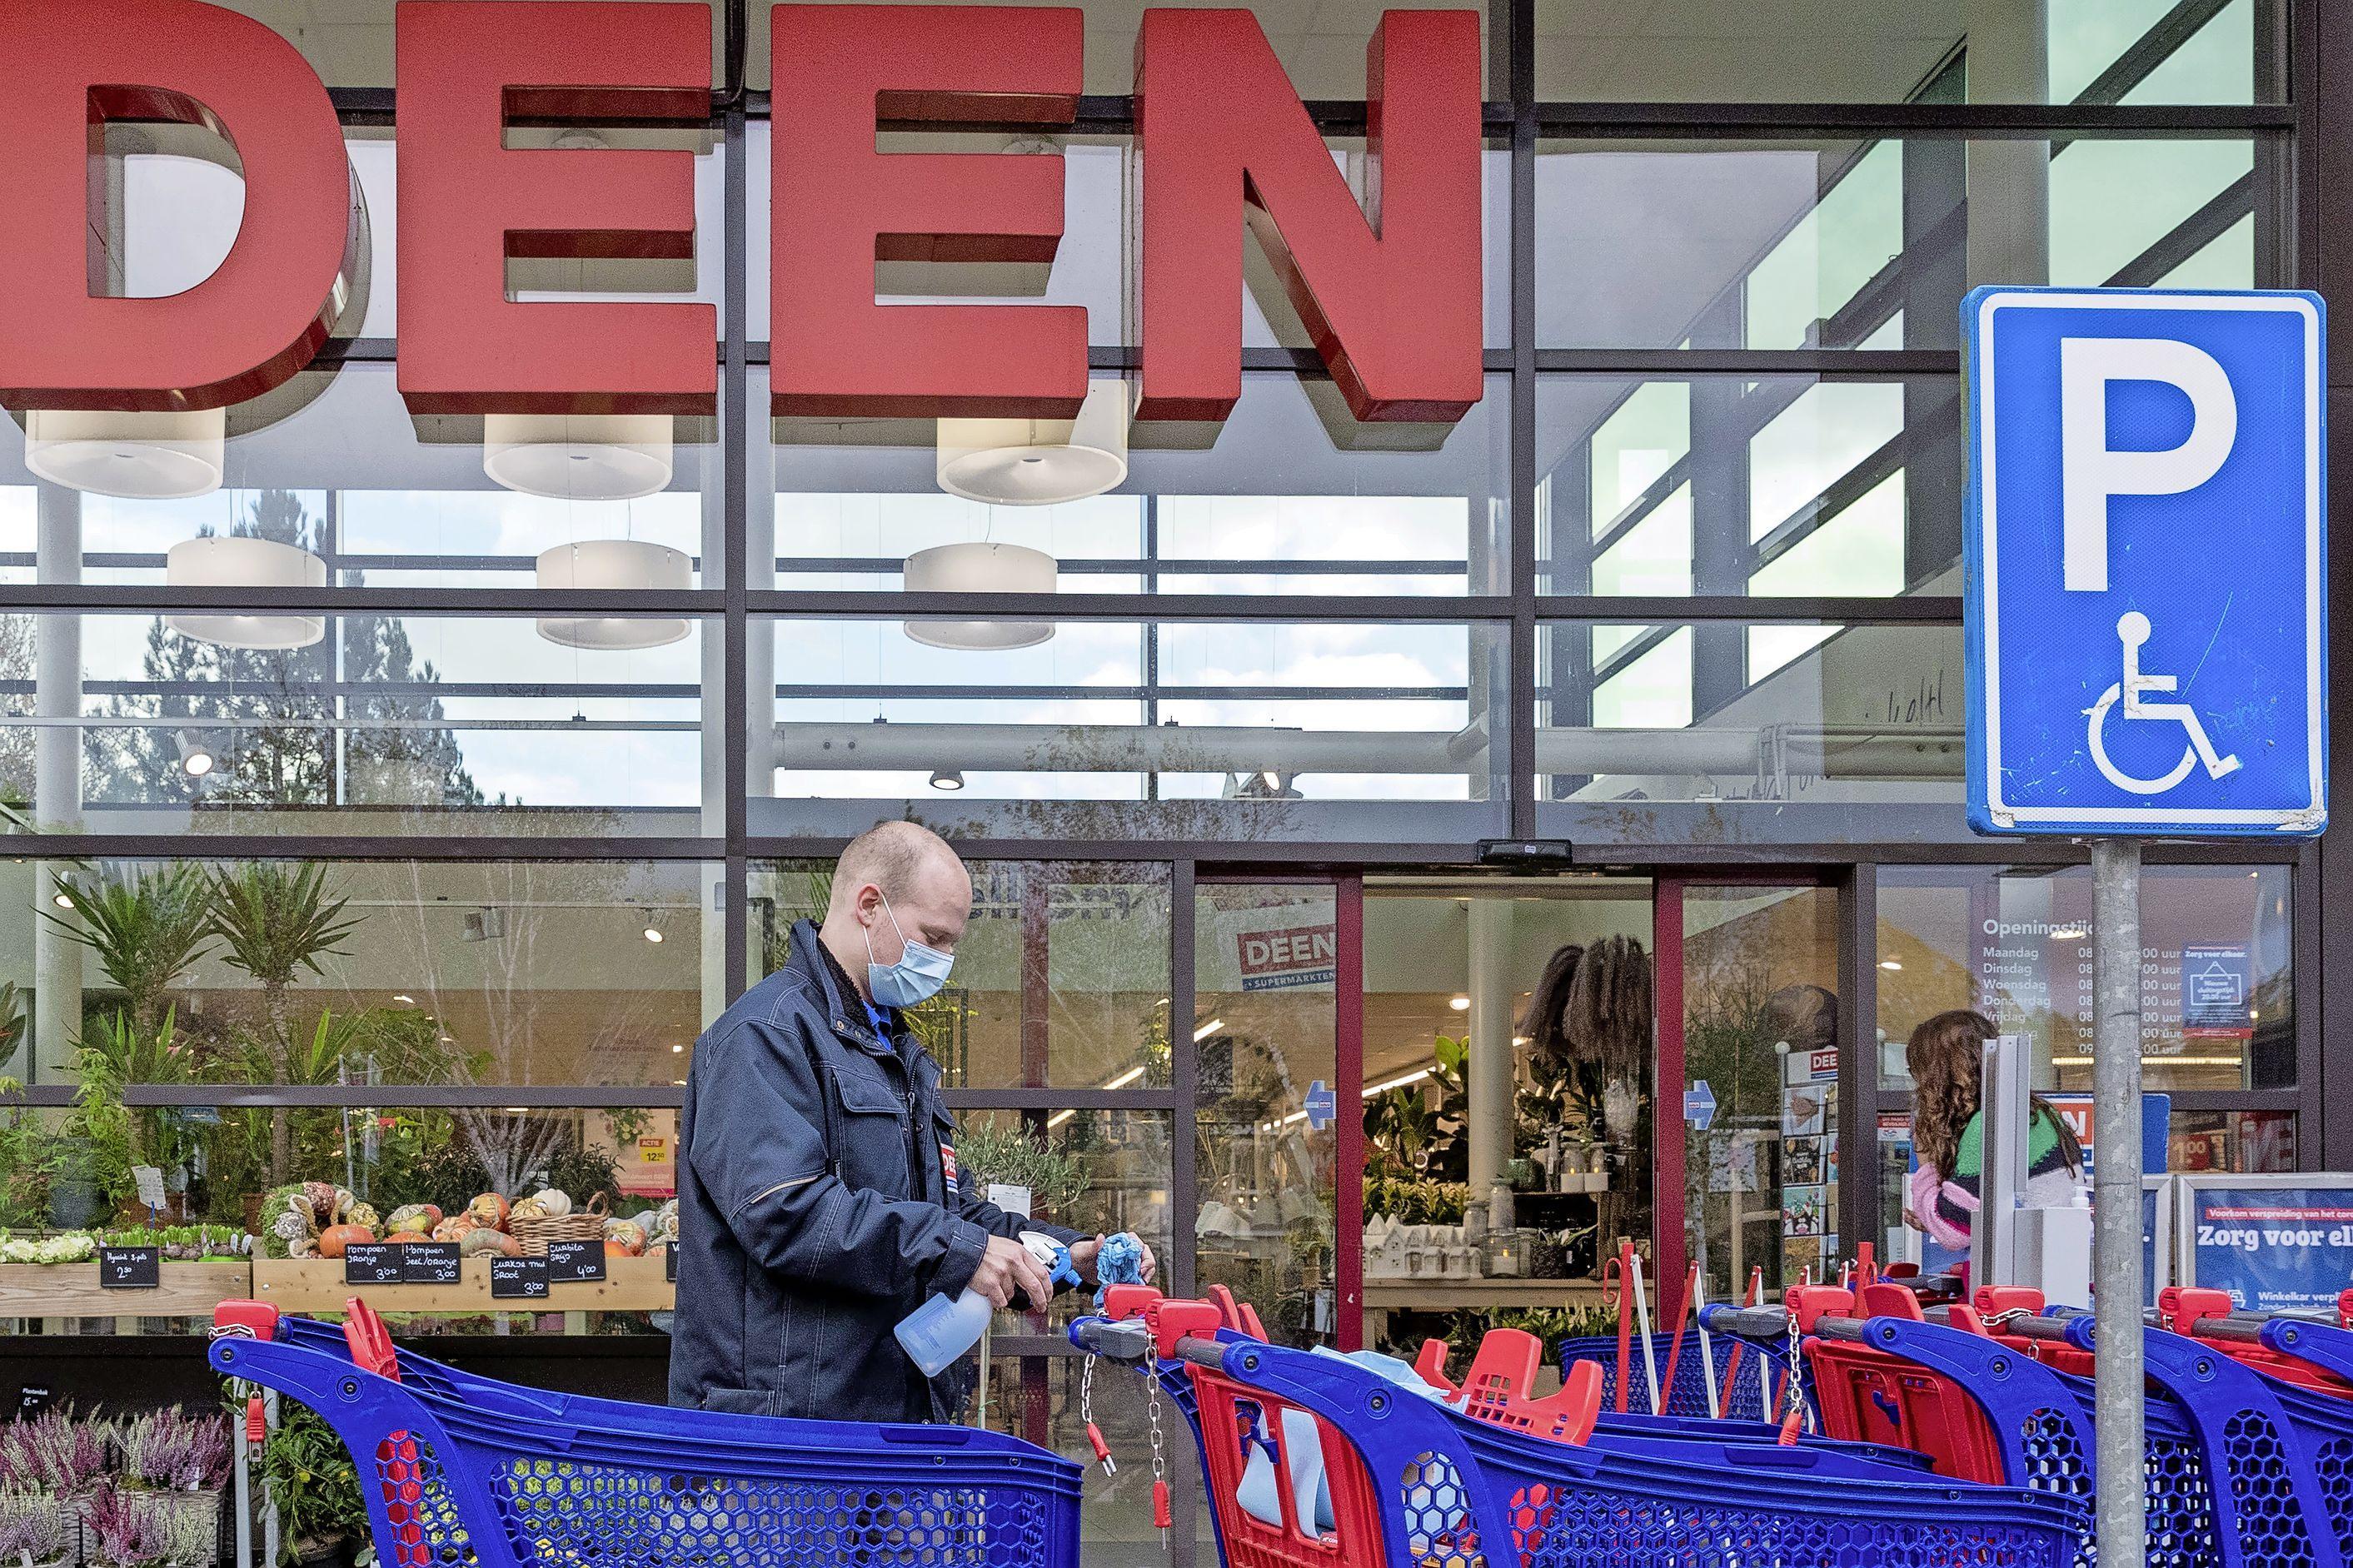 Inbraak bij supermarkt Deen in Obdam, daders spoorloos